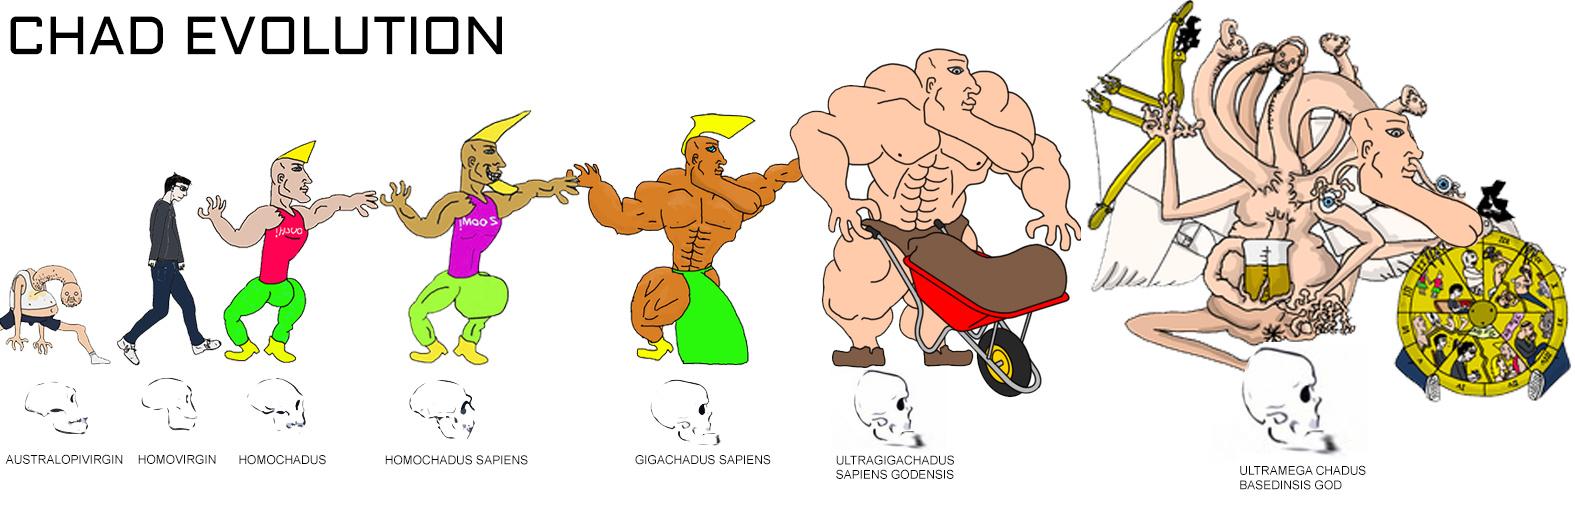 Evolucion de chad no me lo creo la ciencia es increible - meme